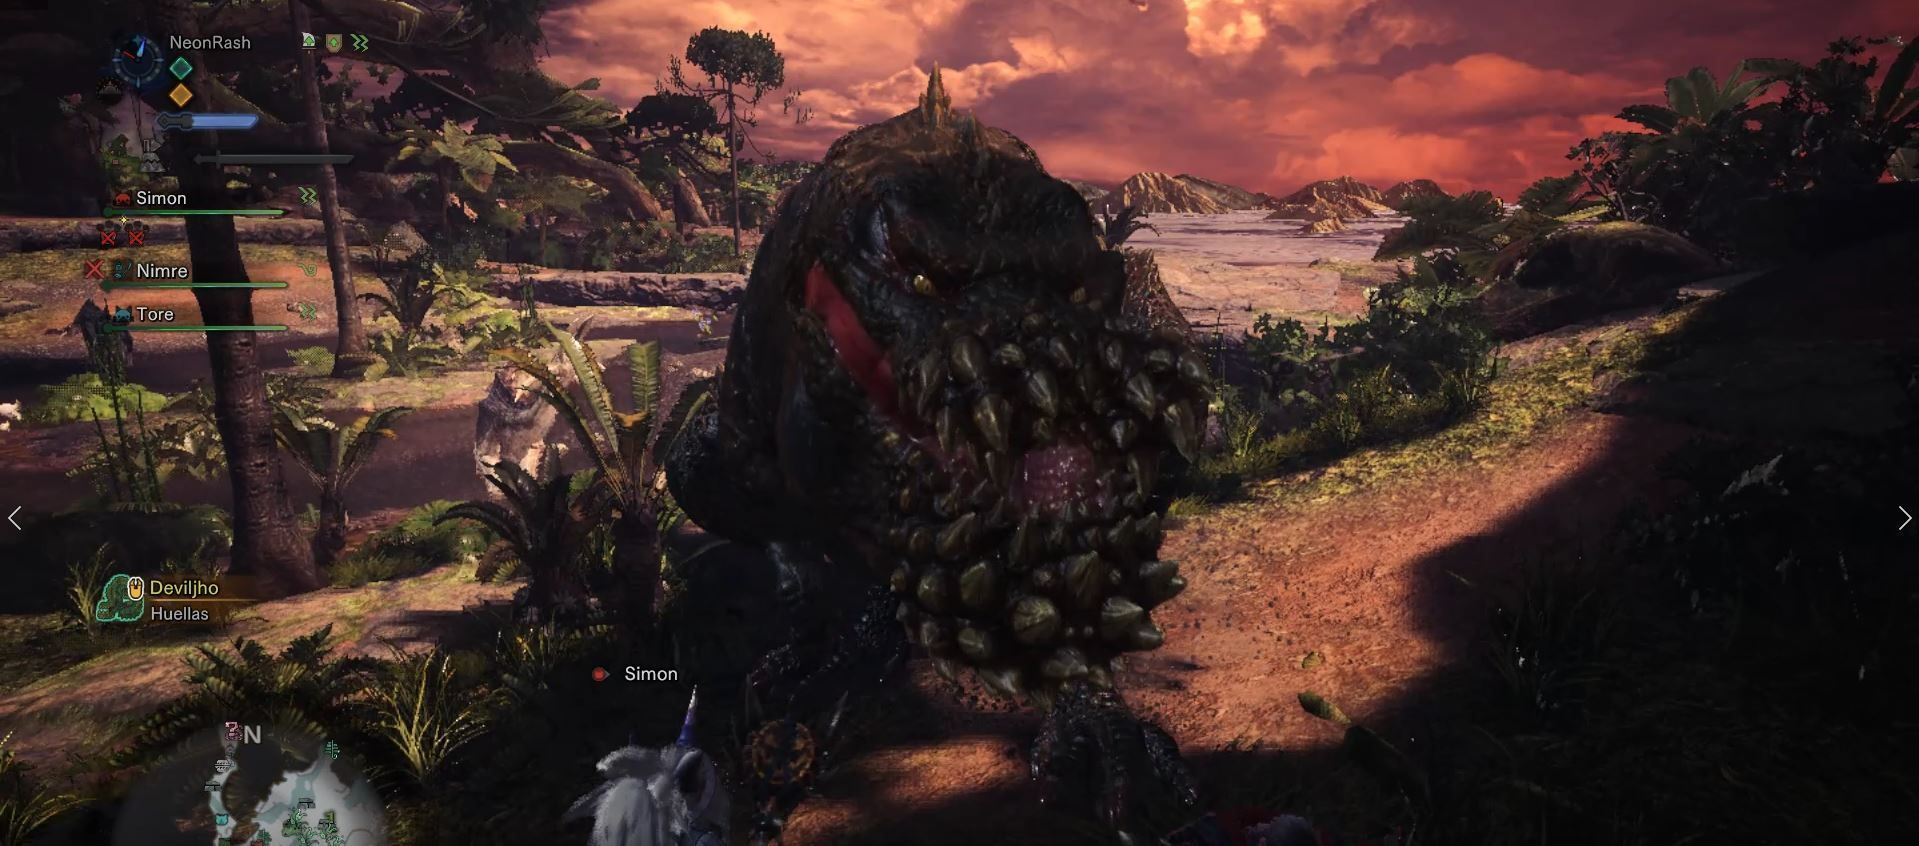 Monster Hunter World Deviljho img 1.1